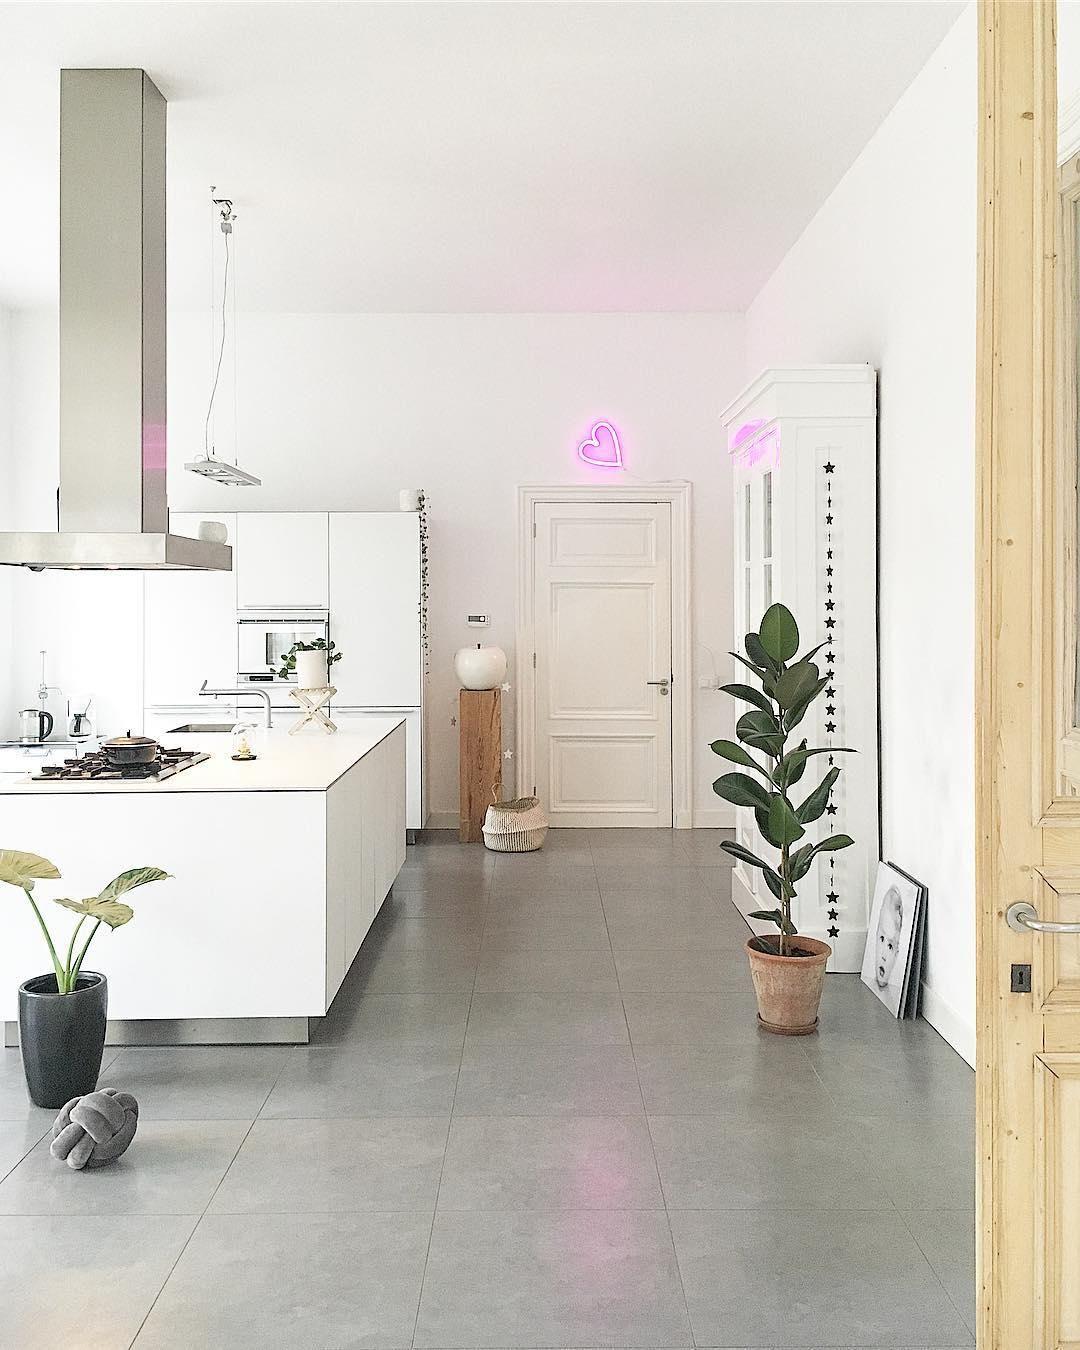 LED-Wandleuchte Heart | Leuchtschrift, Deko küche und Küchen ideen